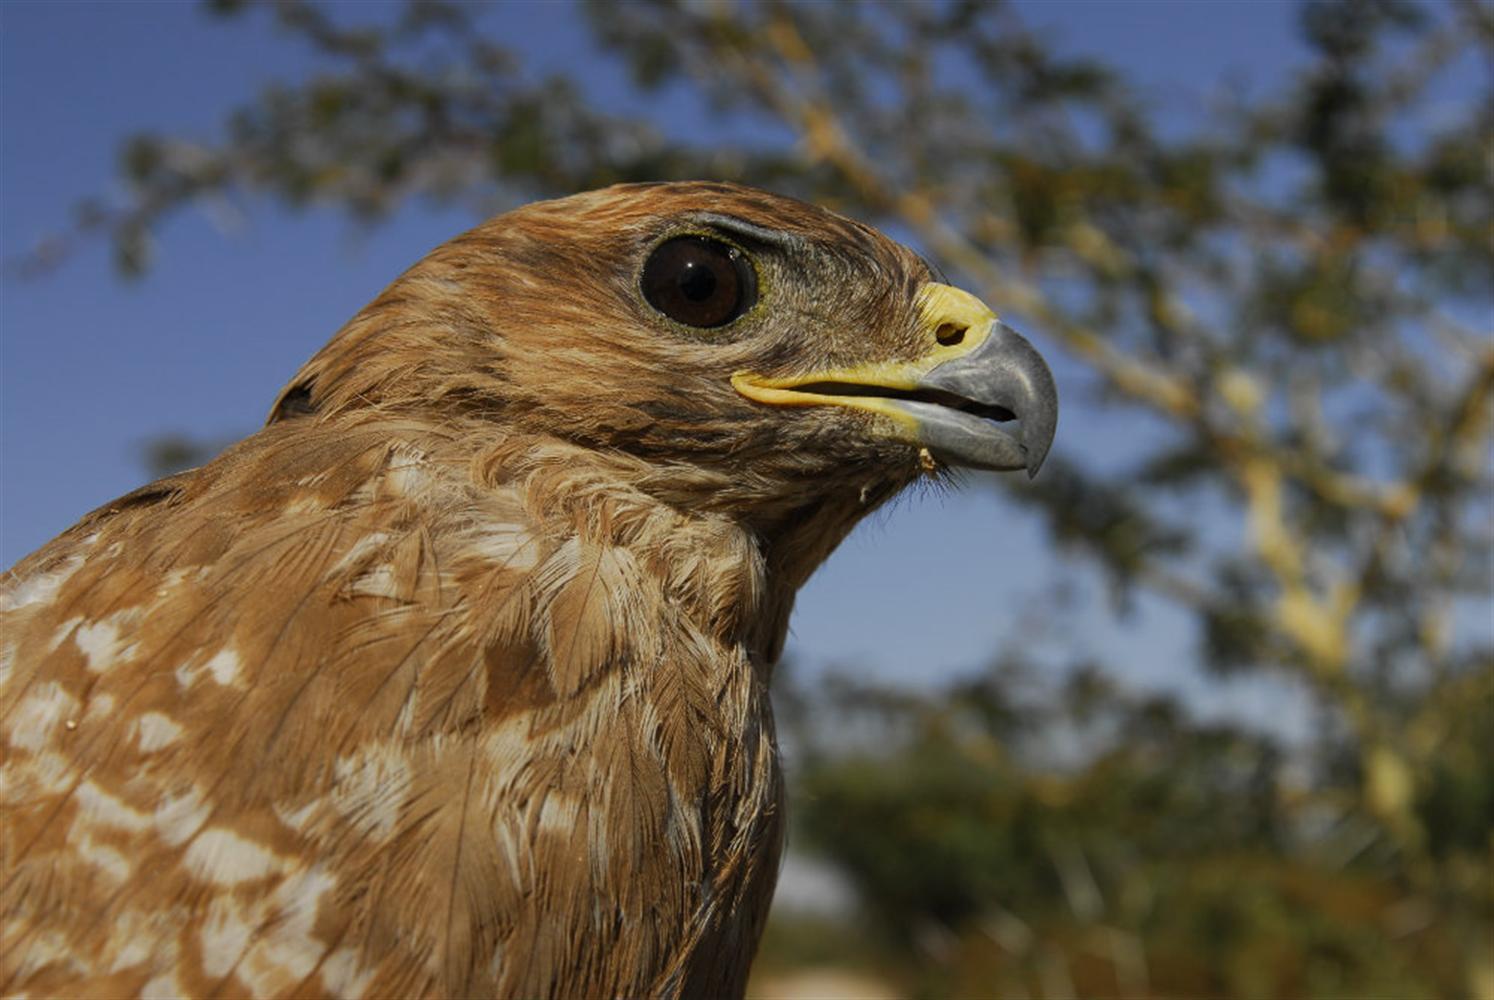 סוכות עם ציפורים: פארק הצפרות באילת (צילום: רונן וטורי)